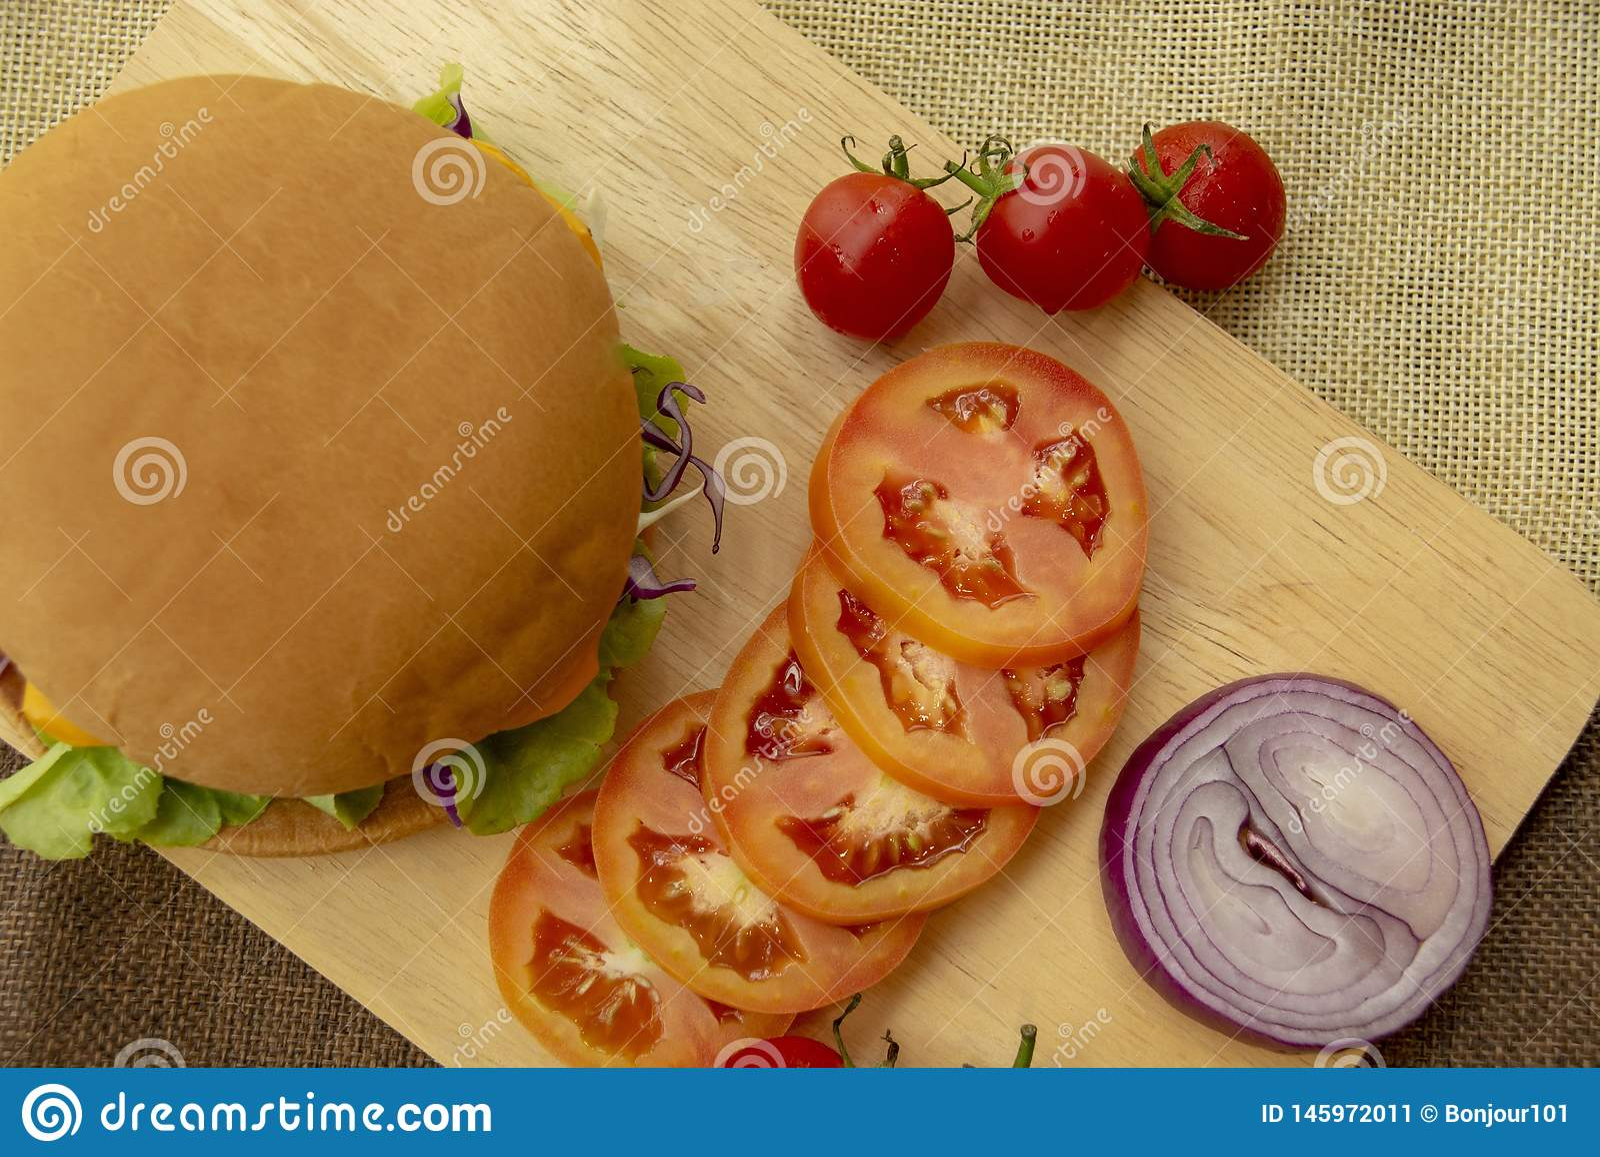 De hamburger wordt voorbereid met geroosterde varkensvlees, kaas, tomaten, sla en uien op een rechthoekige houten vloer